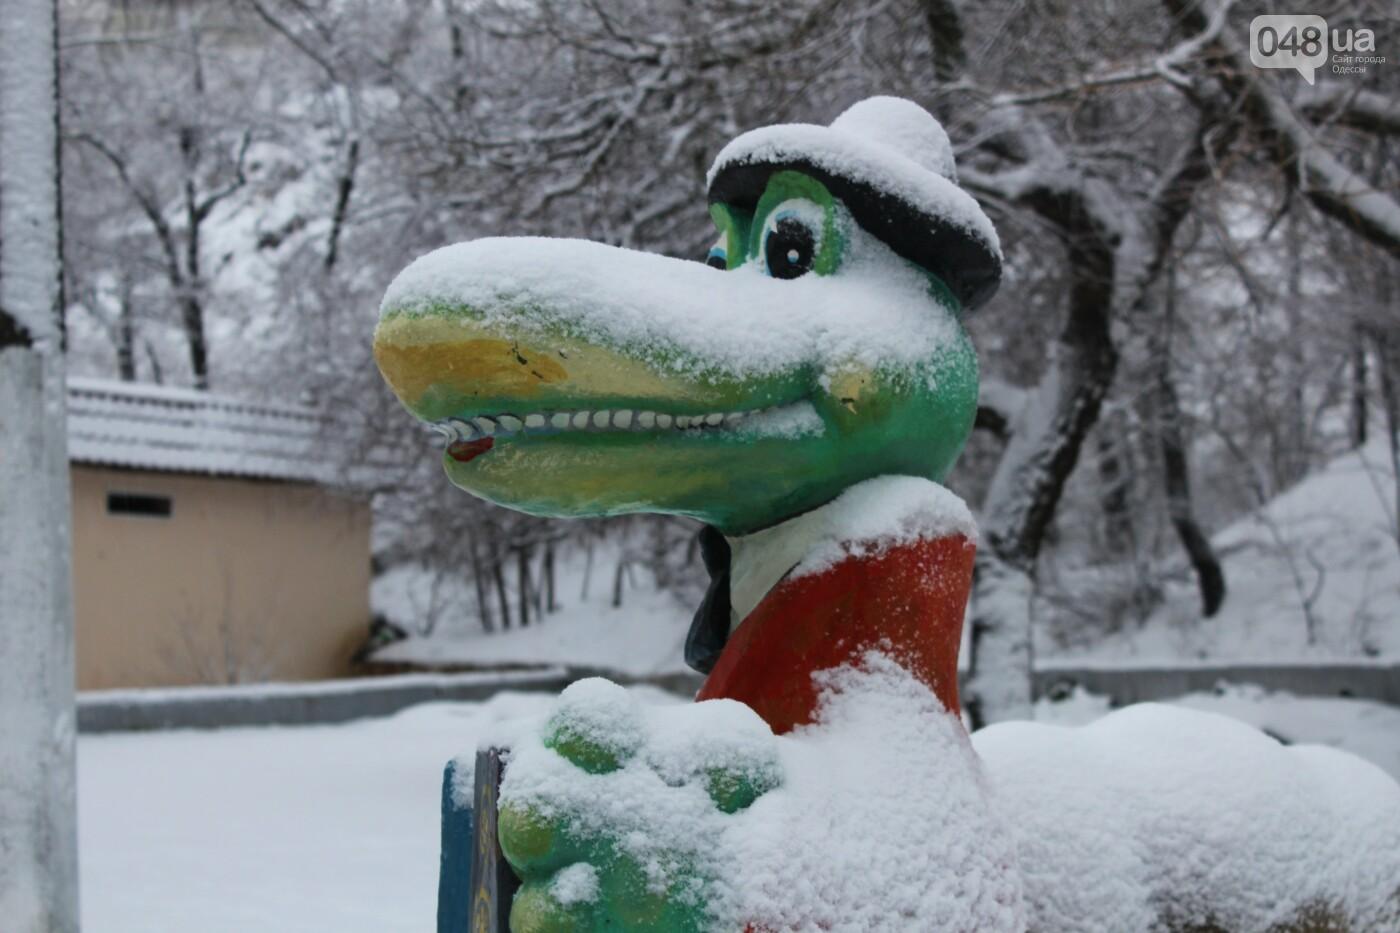 В Одессе побережье засыпало снегом: утки, котики и море, - ФОТОРЕПОРТАЖ, фото-27